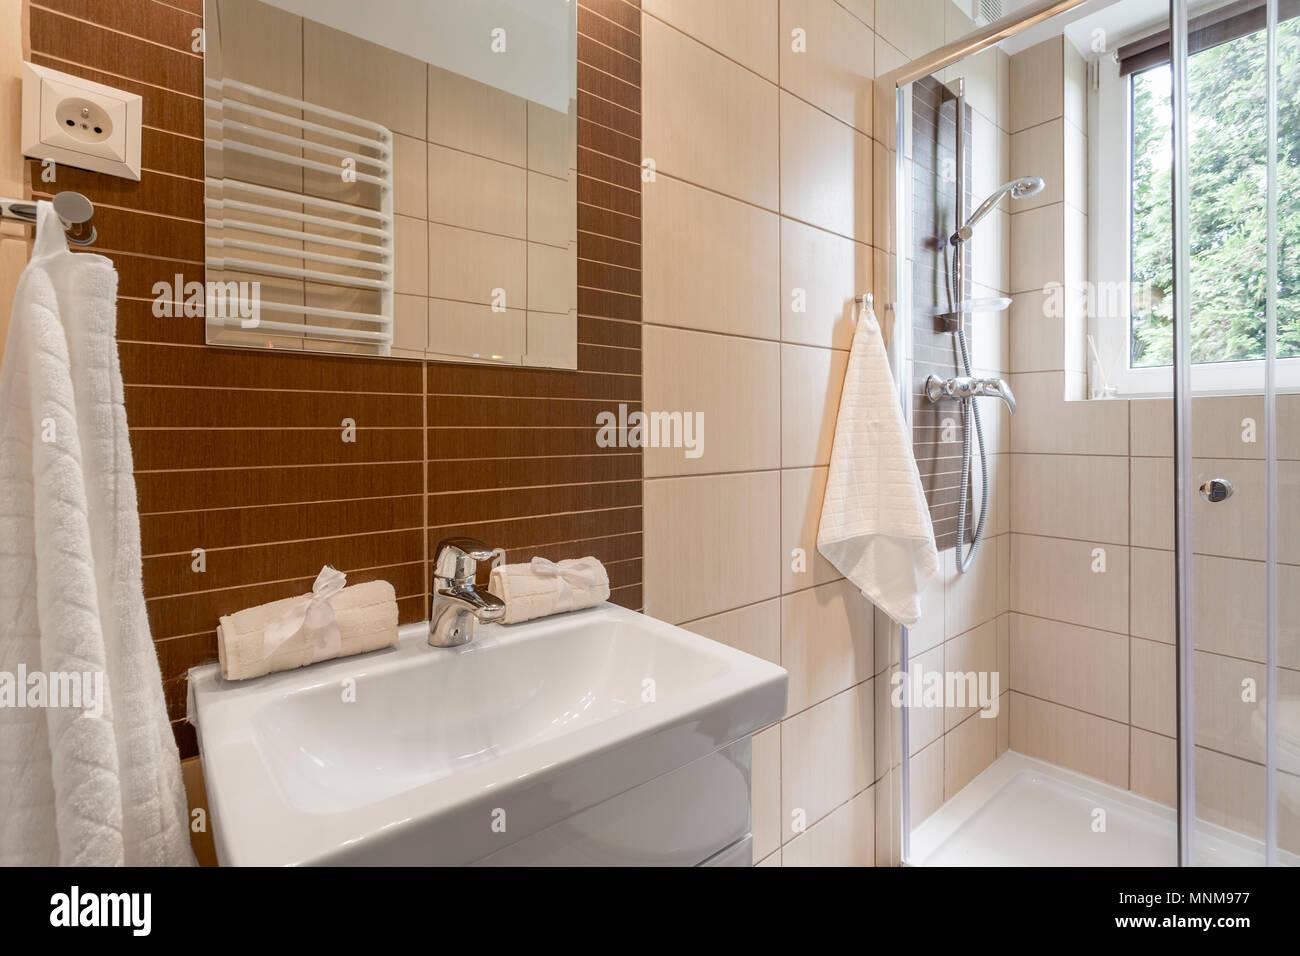 Piccolo bagno con piastrelle marroni specchio doccia e lavabo